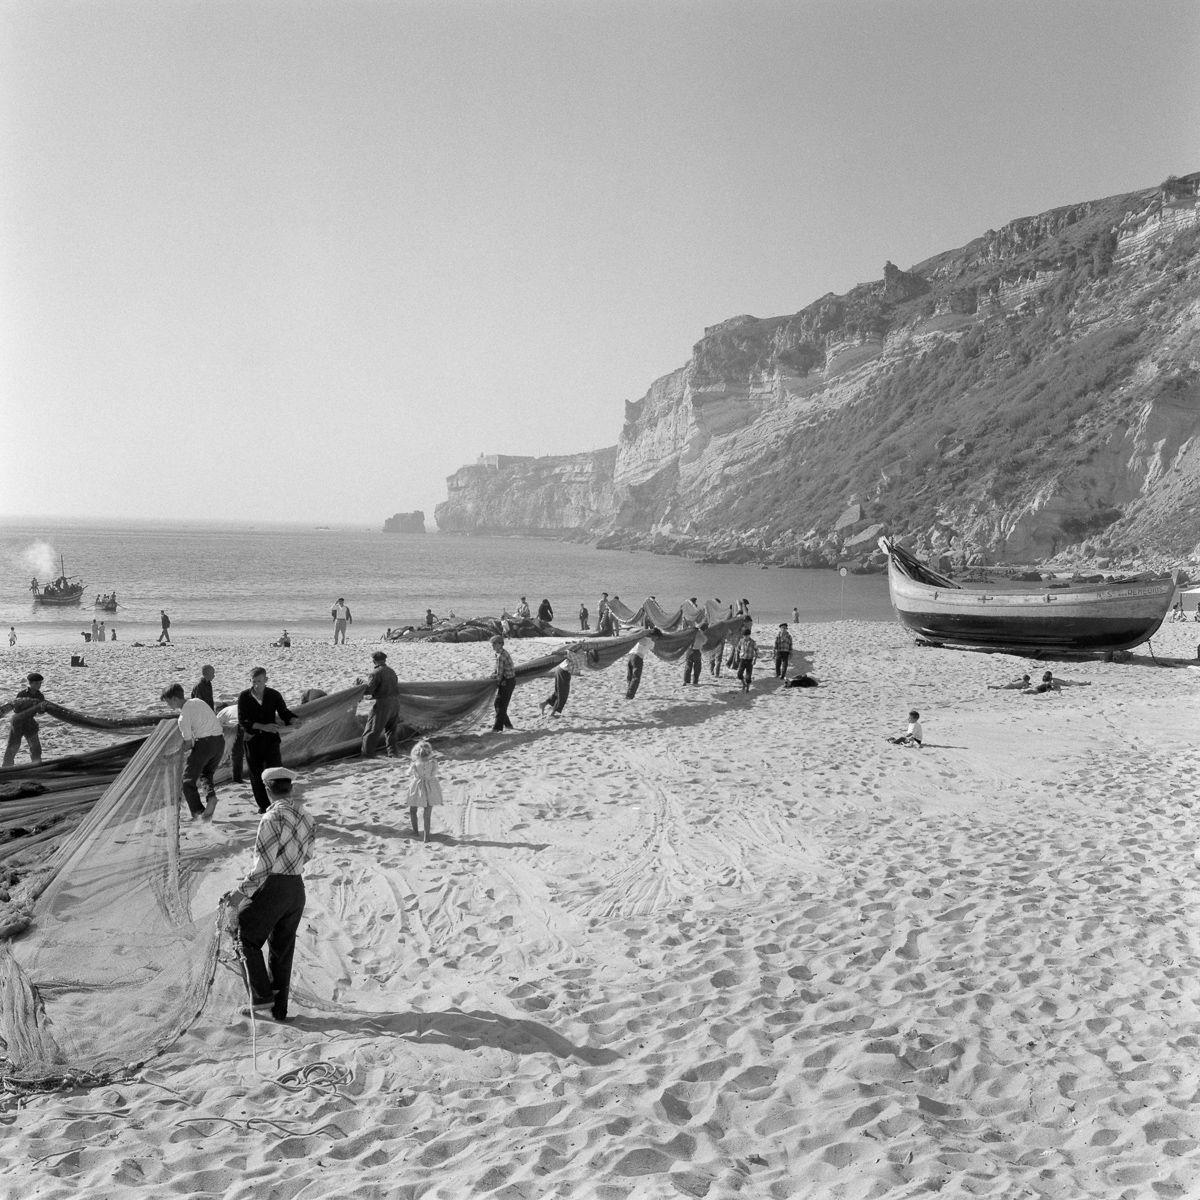 Fotografias deslumbrantes capturam a cultura da pesca dos anos 50 em Portugal 25